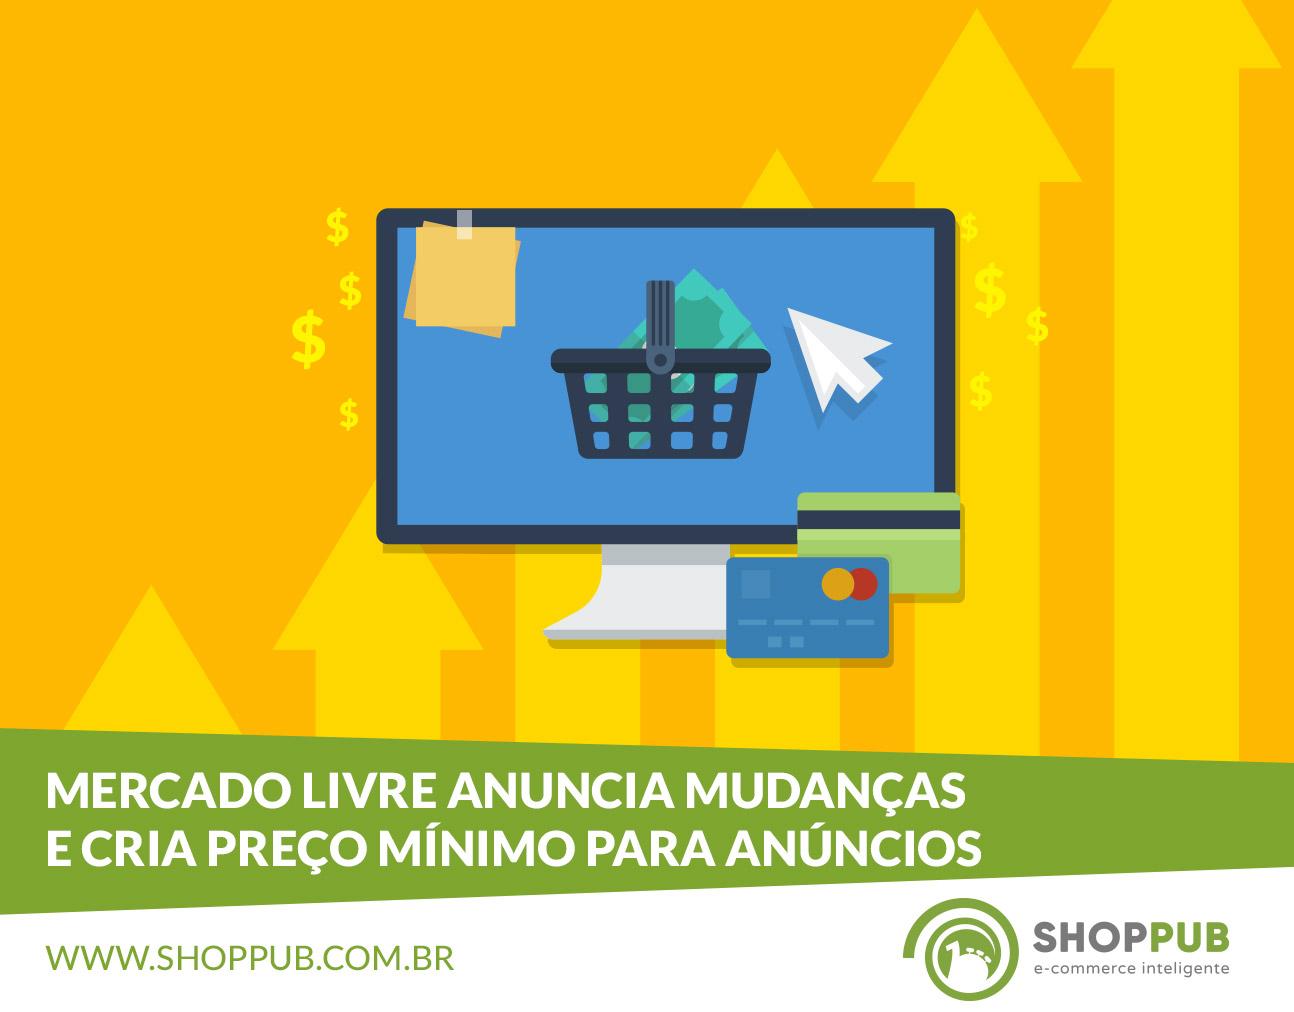 2e055c869 Mercado Livre anuncia mudanças e cria preço mínimo para anúncios ...